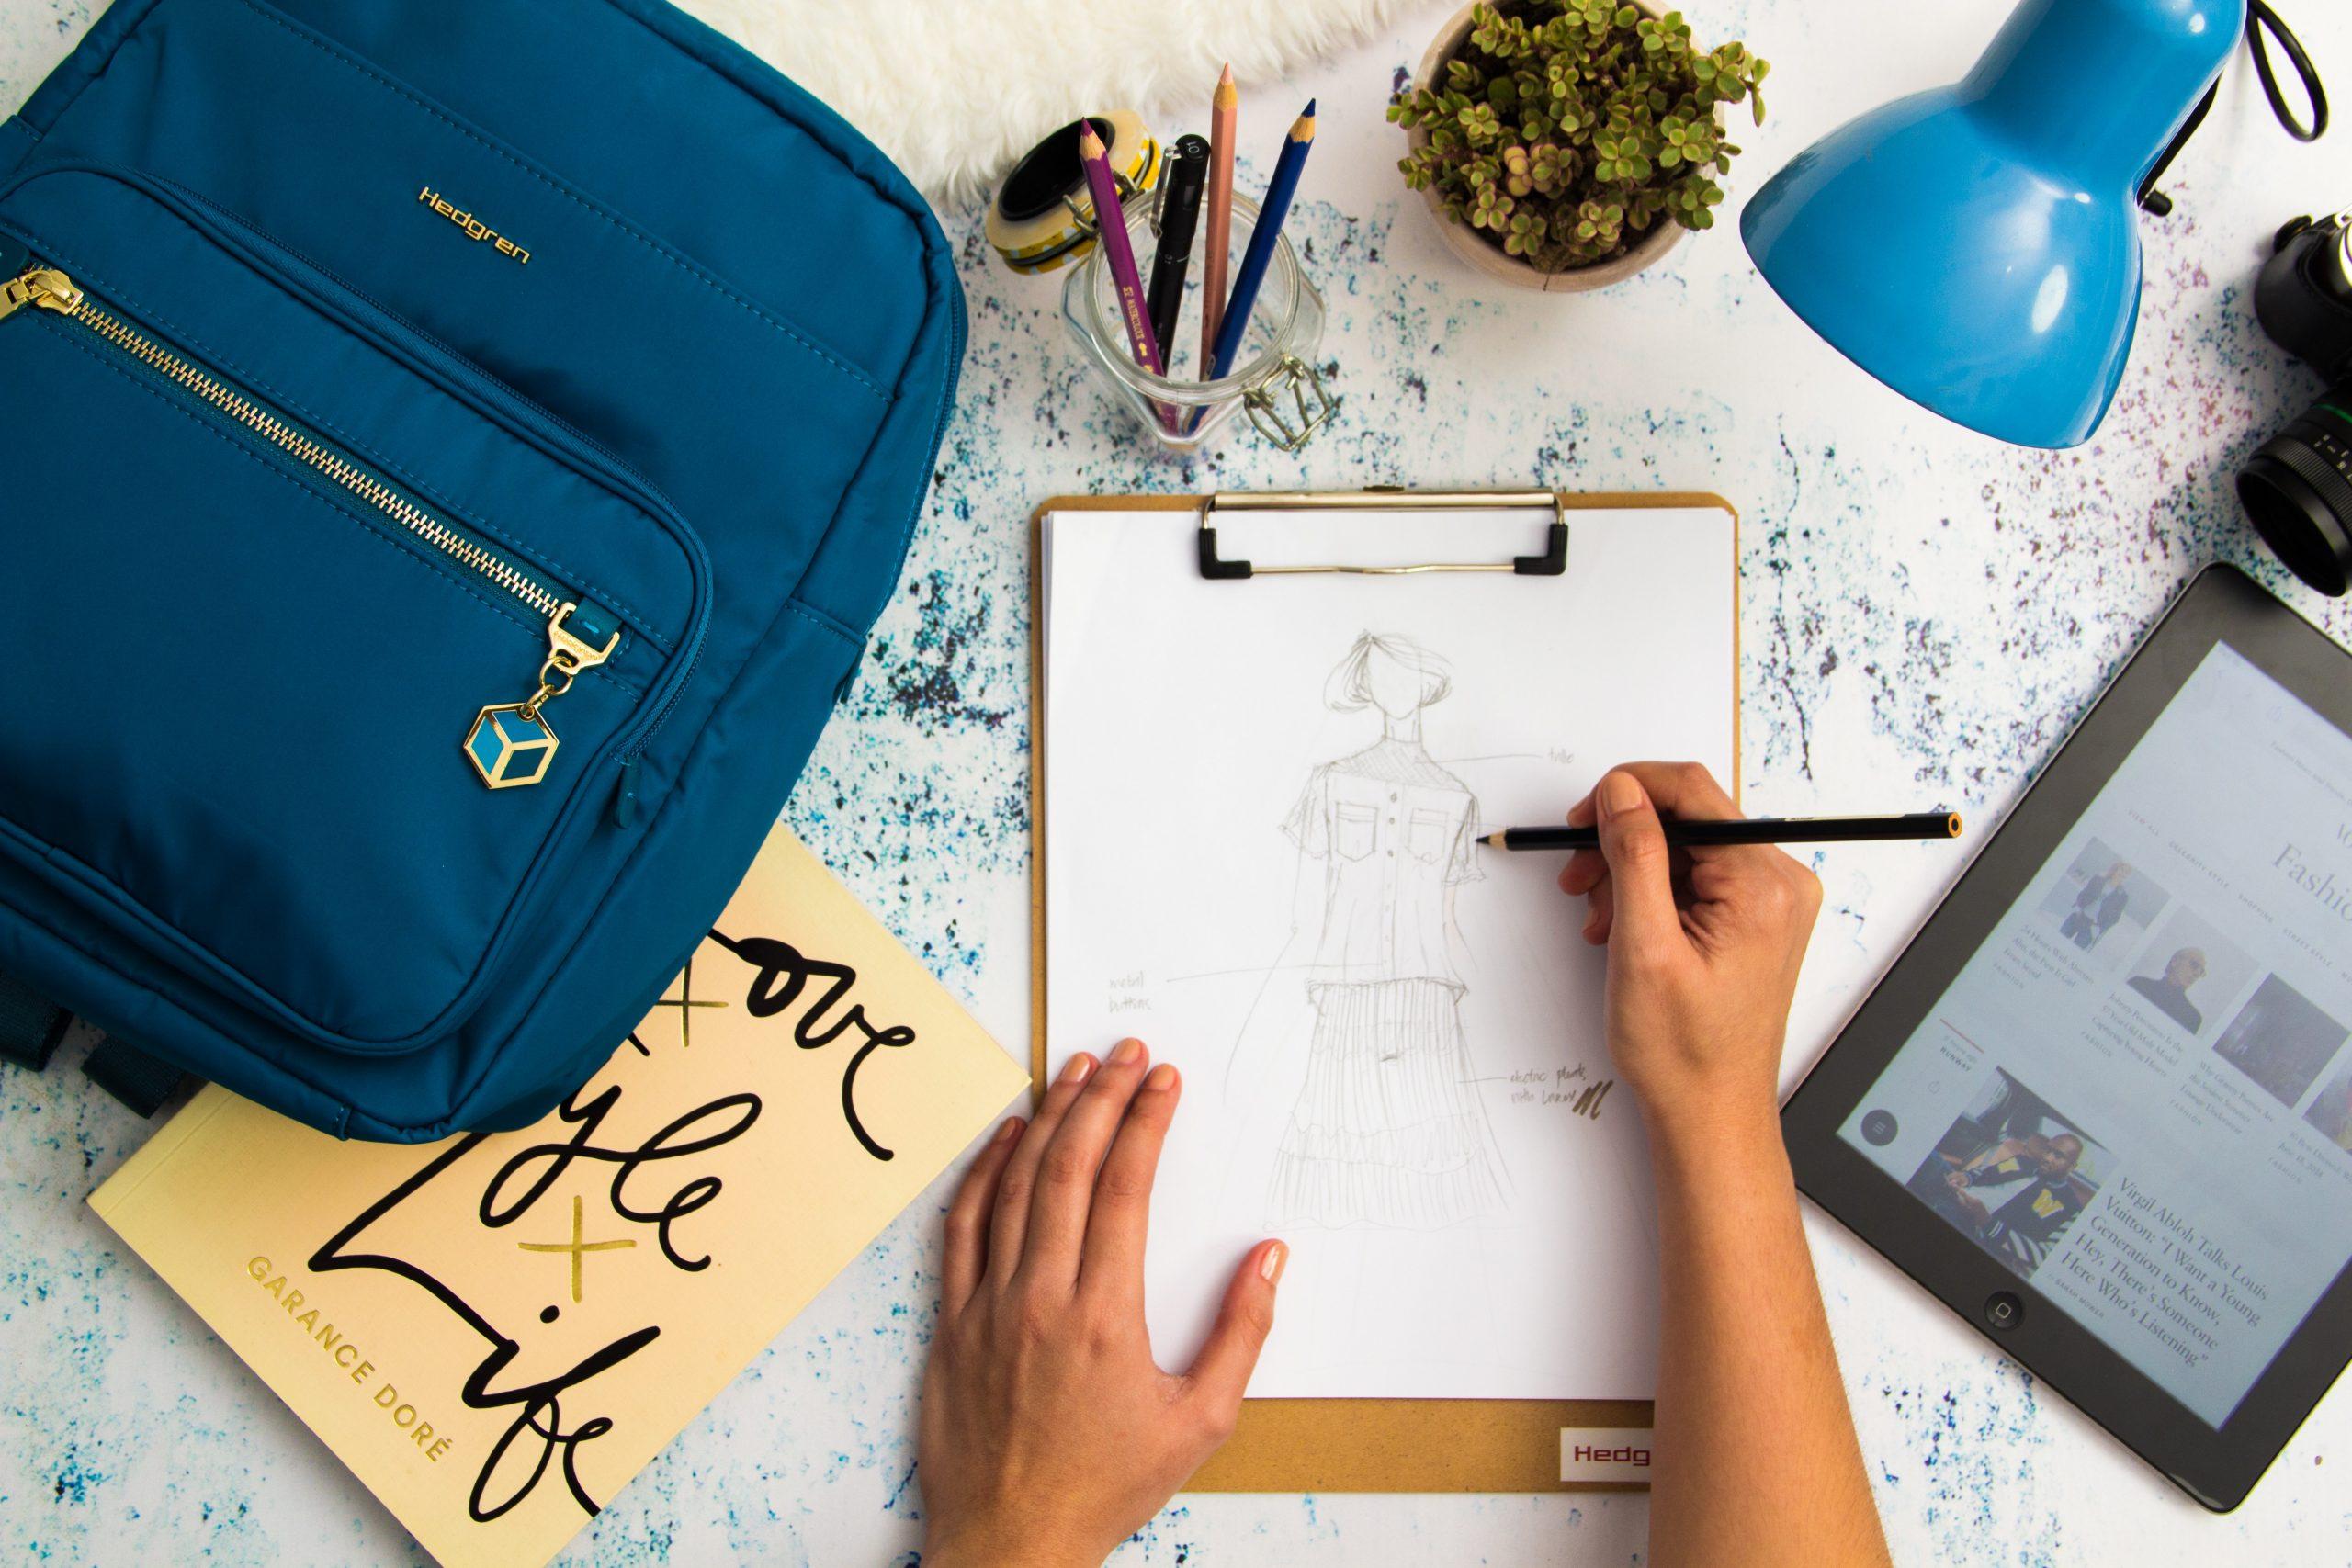 essoa desenhando em uma prancheta com mochila e tablet ao redor.